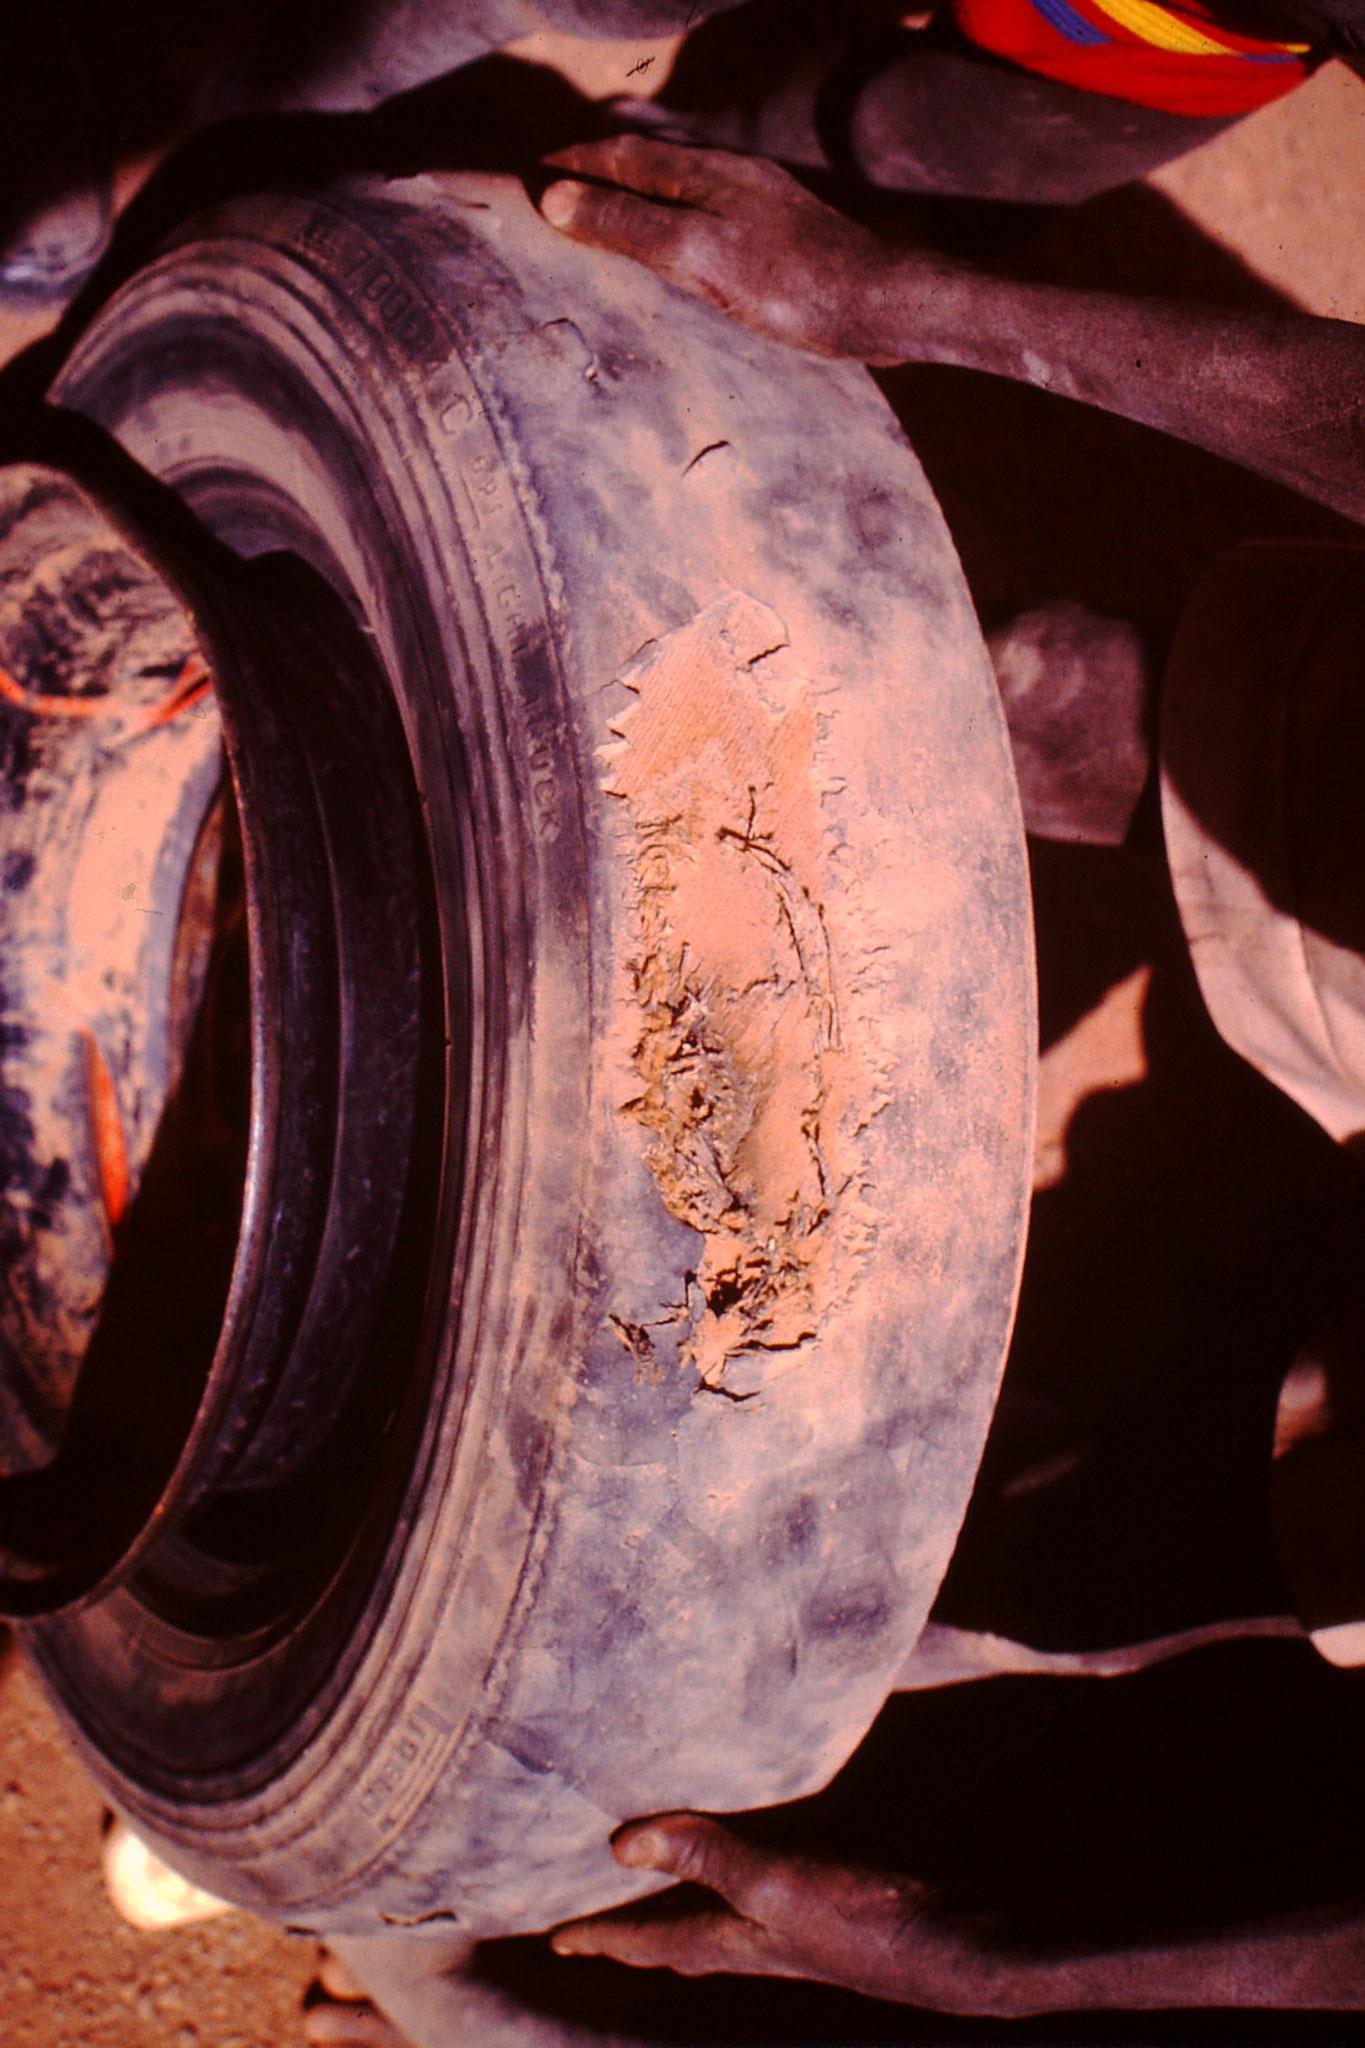 Dies war der Grund der Reifenpanne.